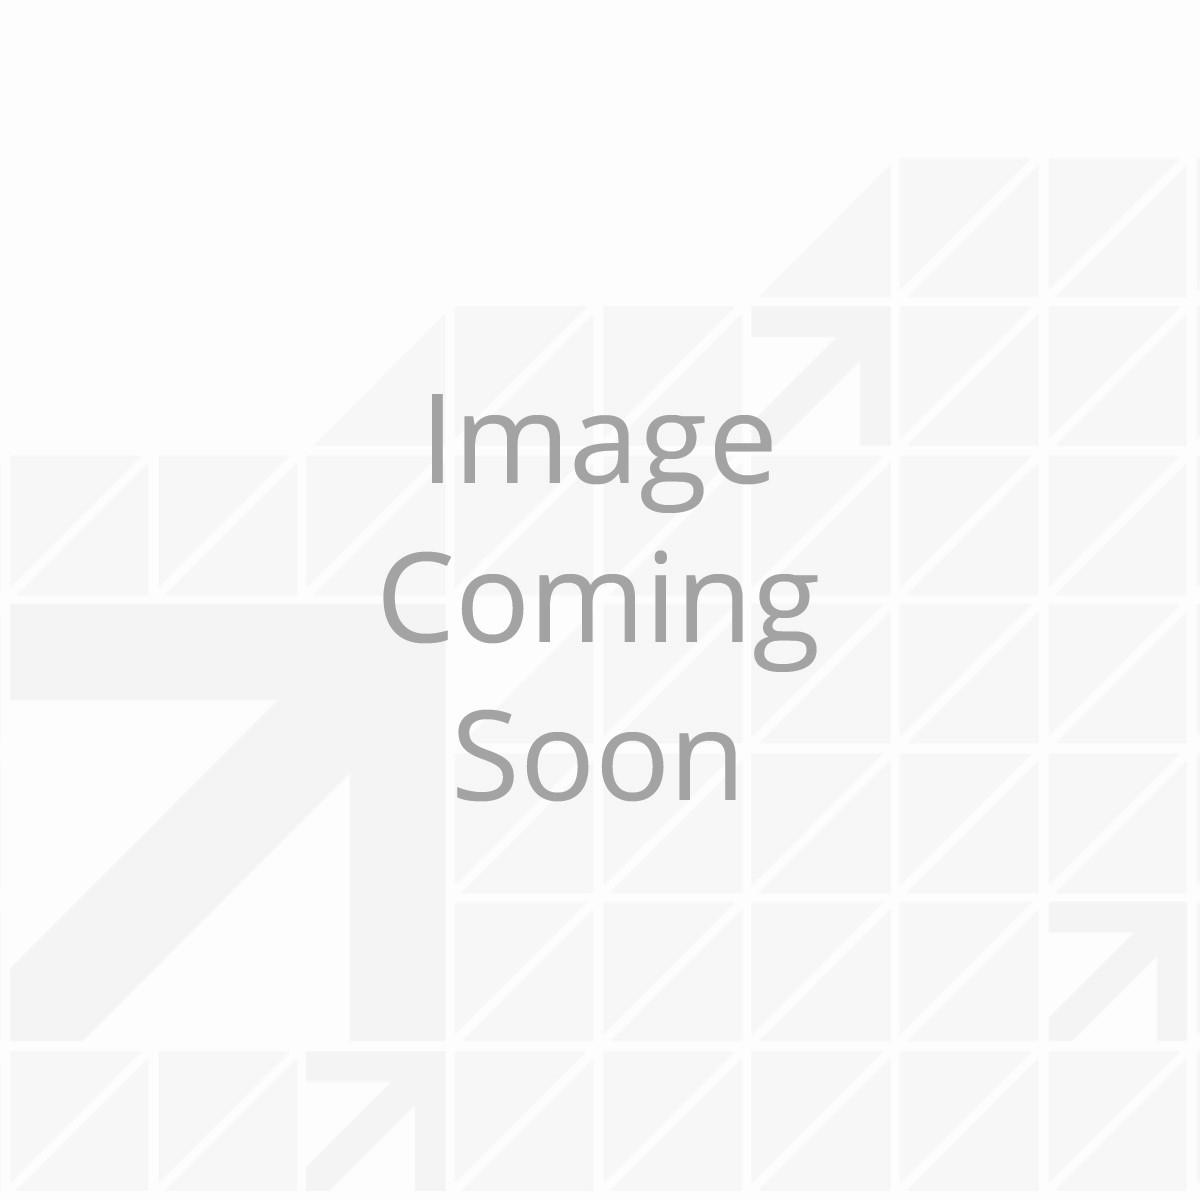 118478_-_bike_rack_support_-_001